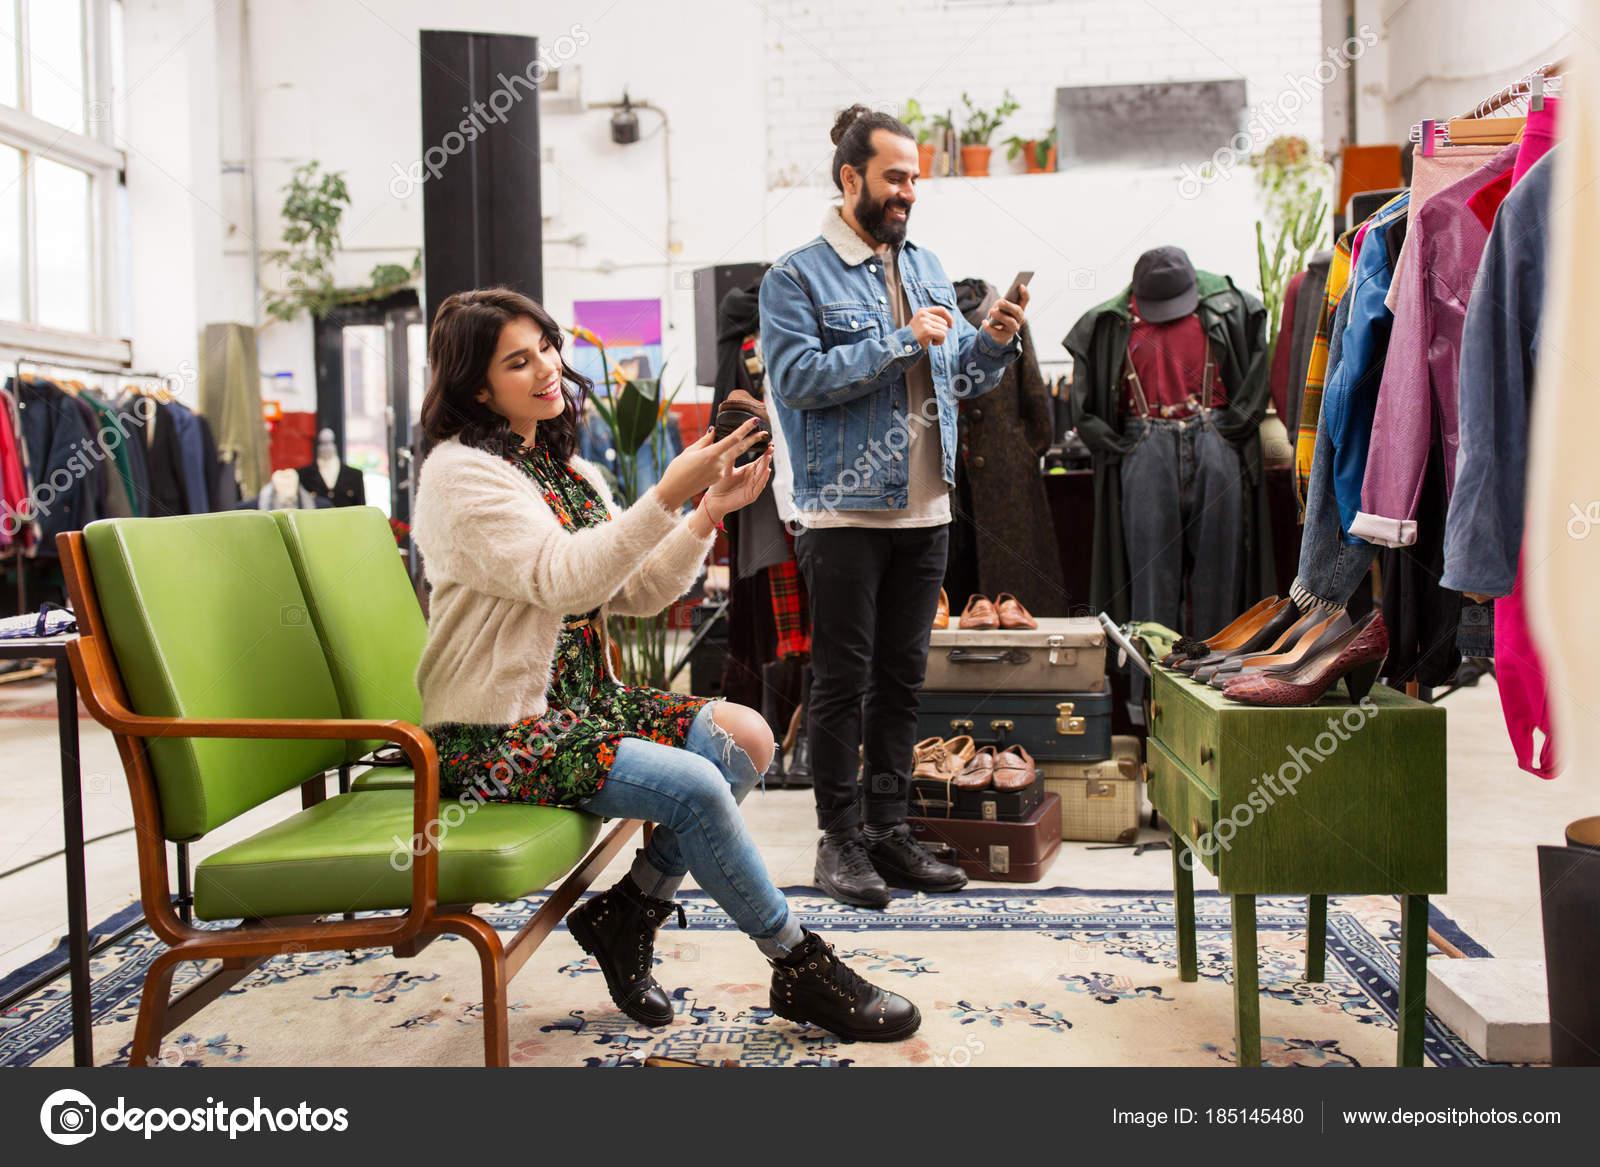 size 40 23f0f 17dce Coppie che scelgono scarpe al negozio di vestiti vintage ...